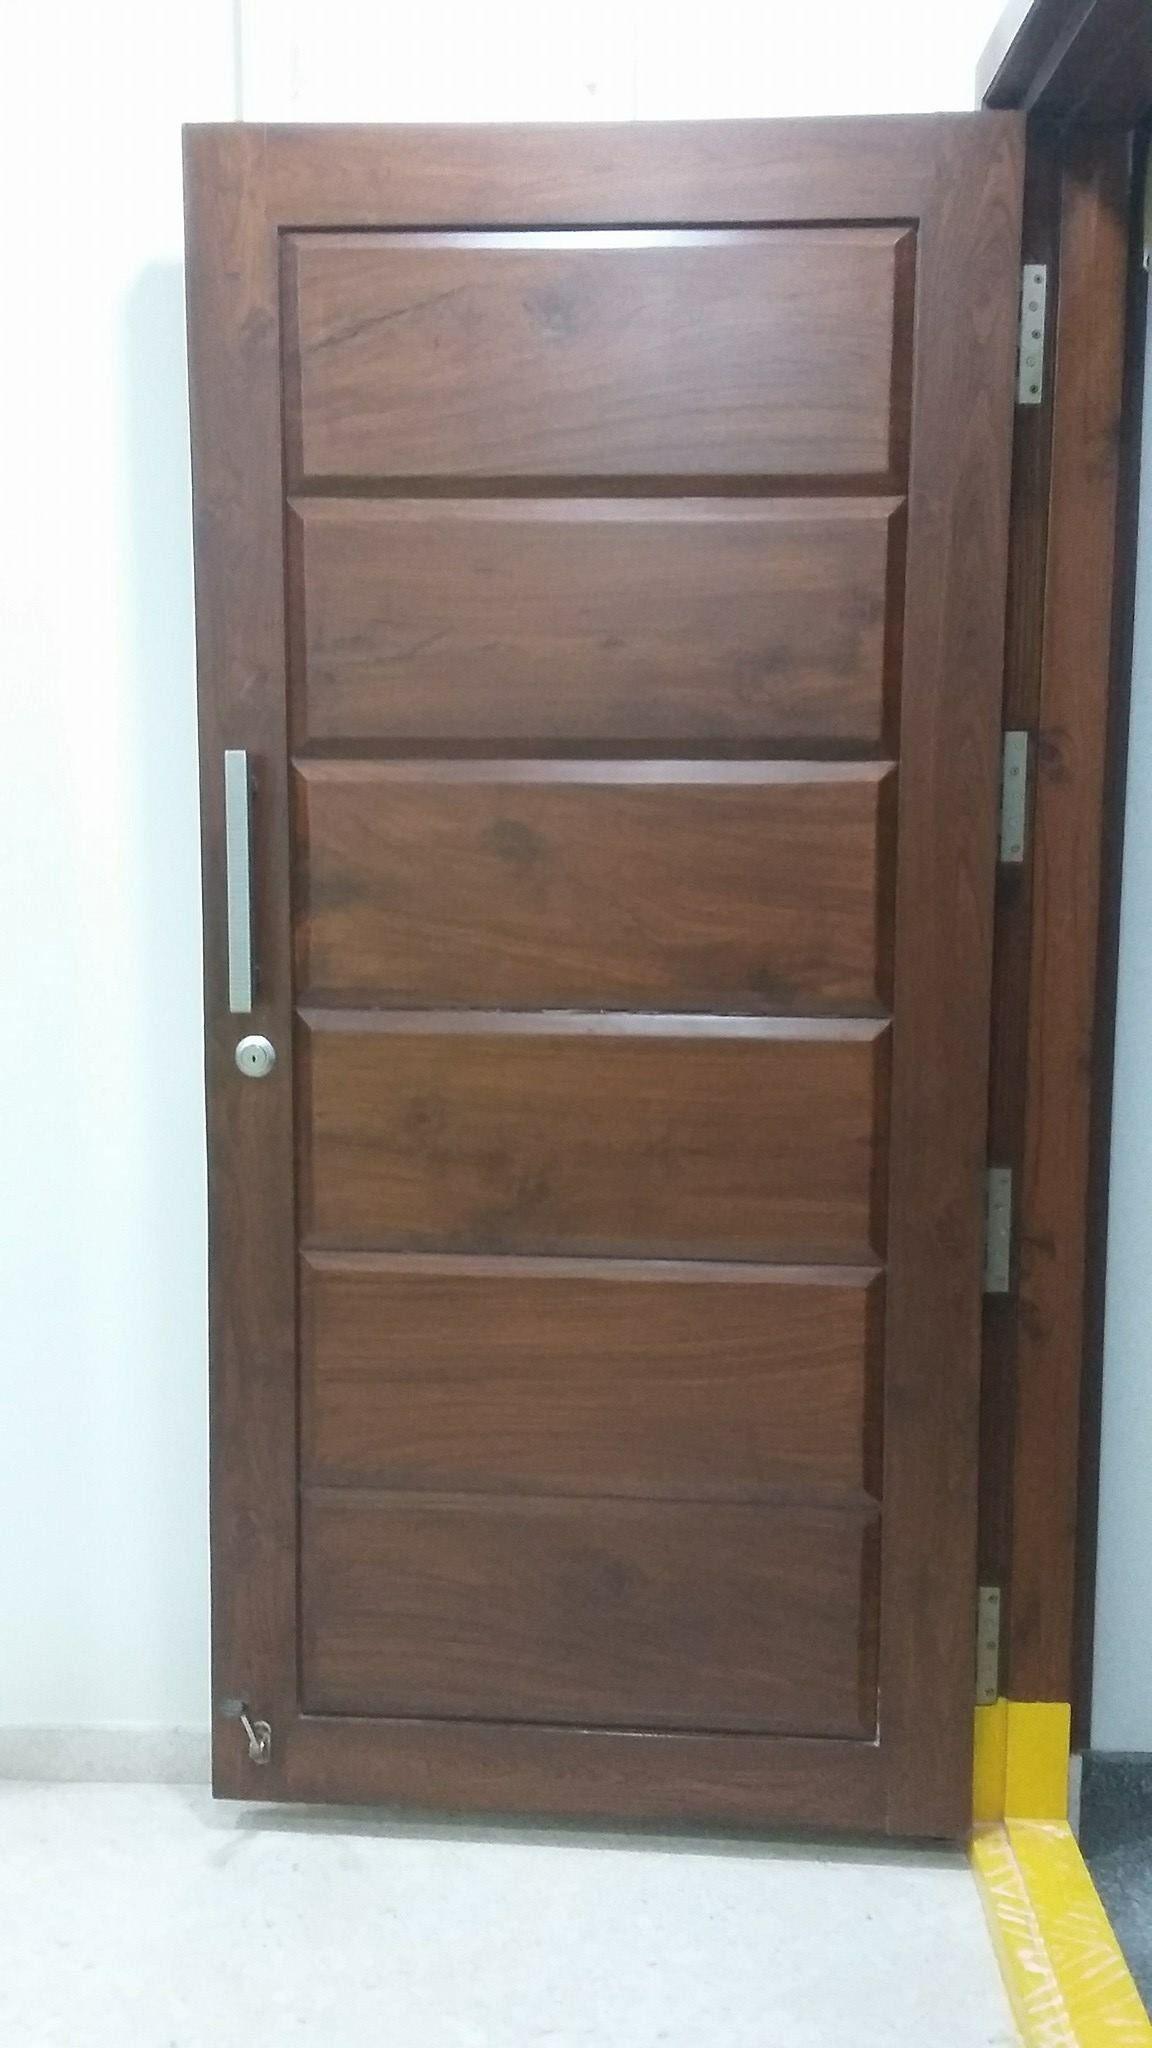 Pin de umashankar maurya en uma pinterest puertas puertas delanteras y puertas correderas - Persianas aragon ...